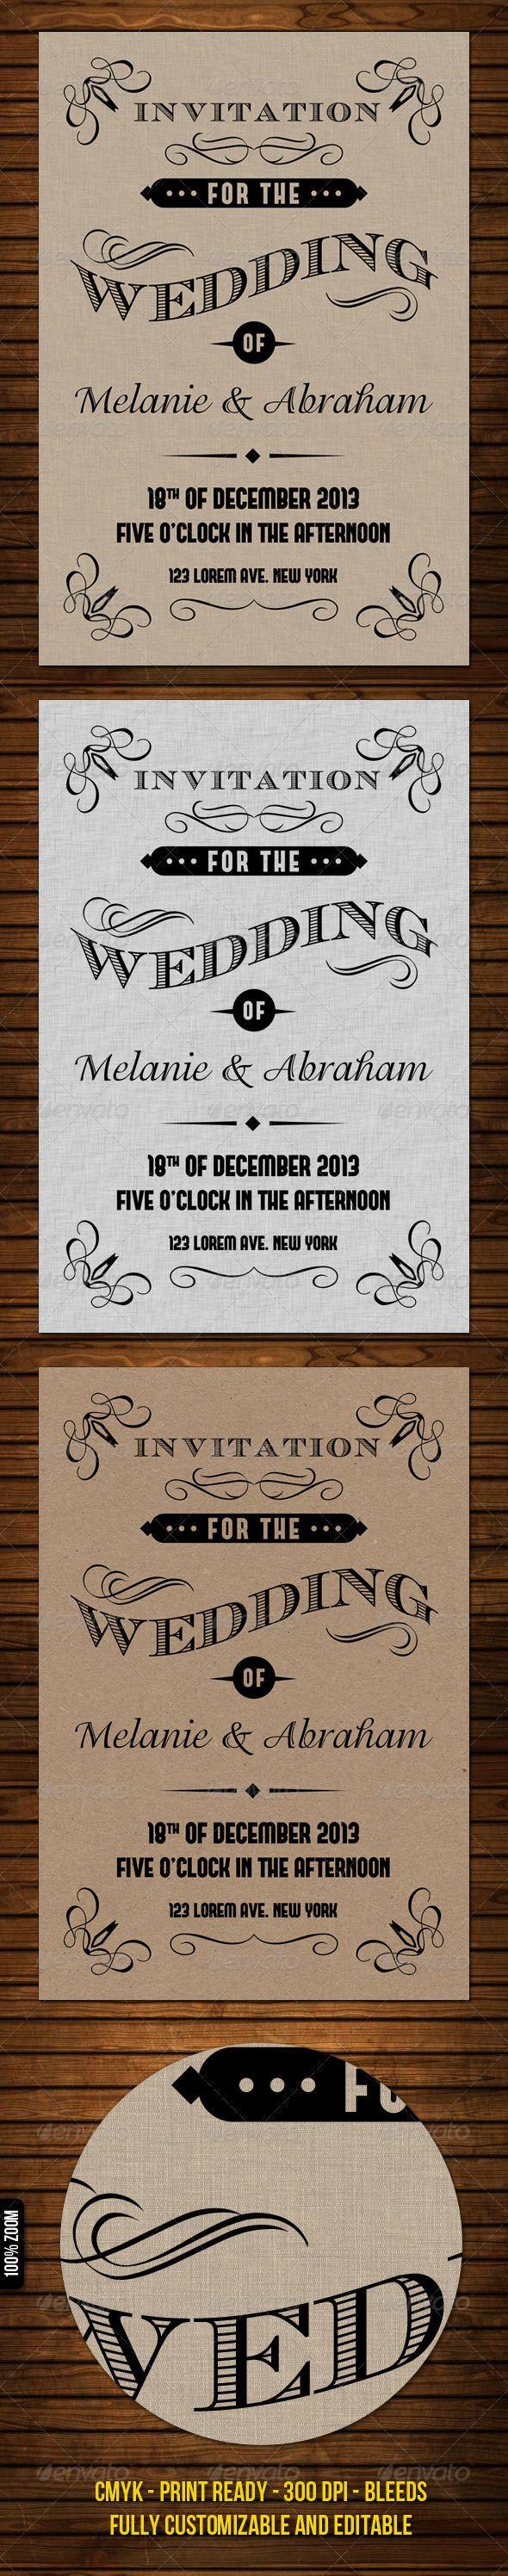 Old Vintage Wedding Invitation Old Vintage Wedding